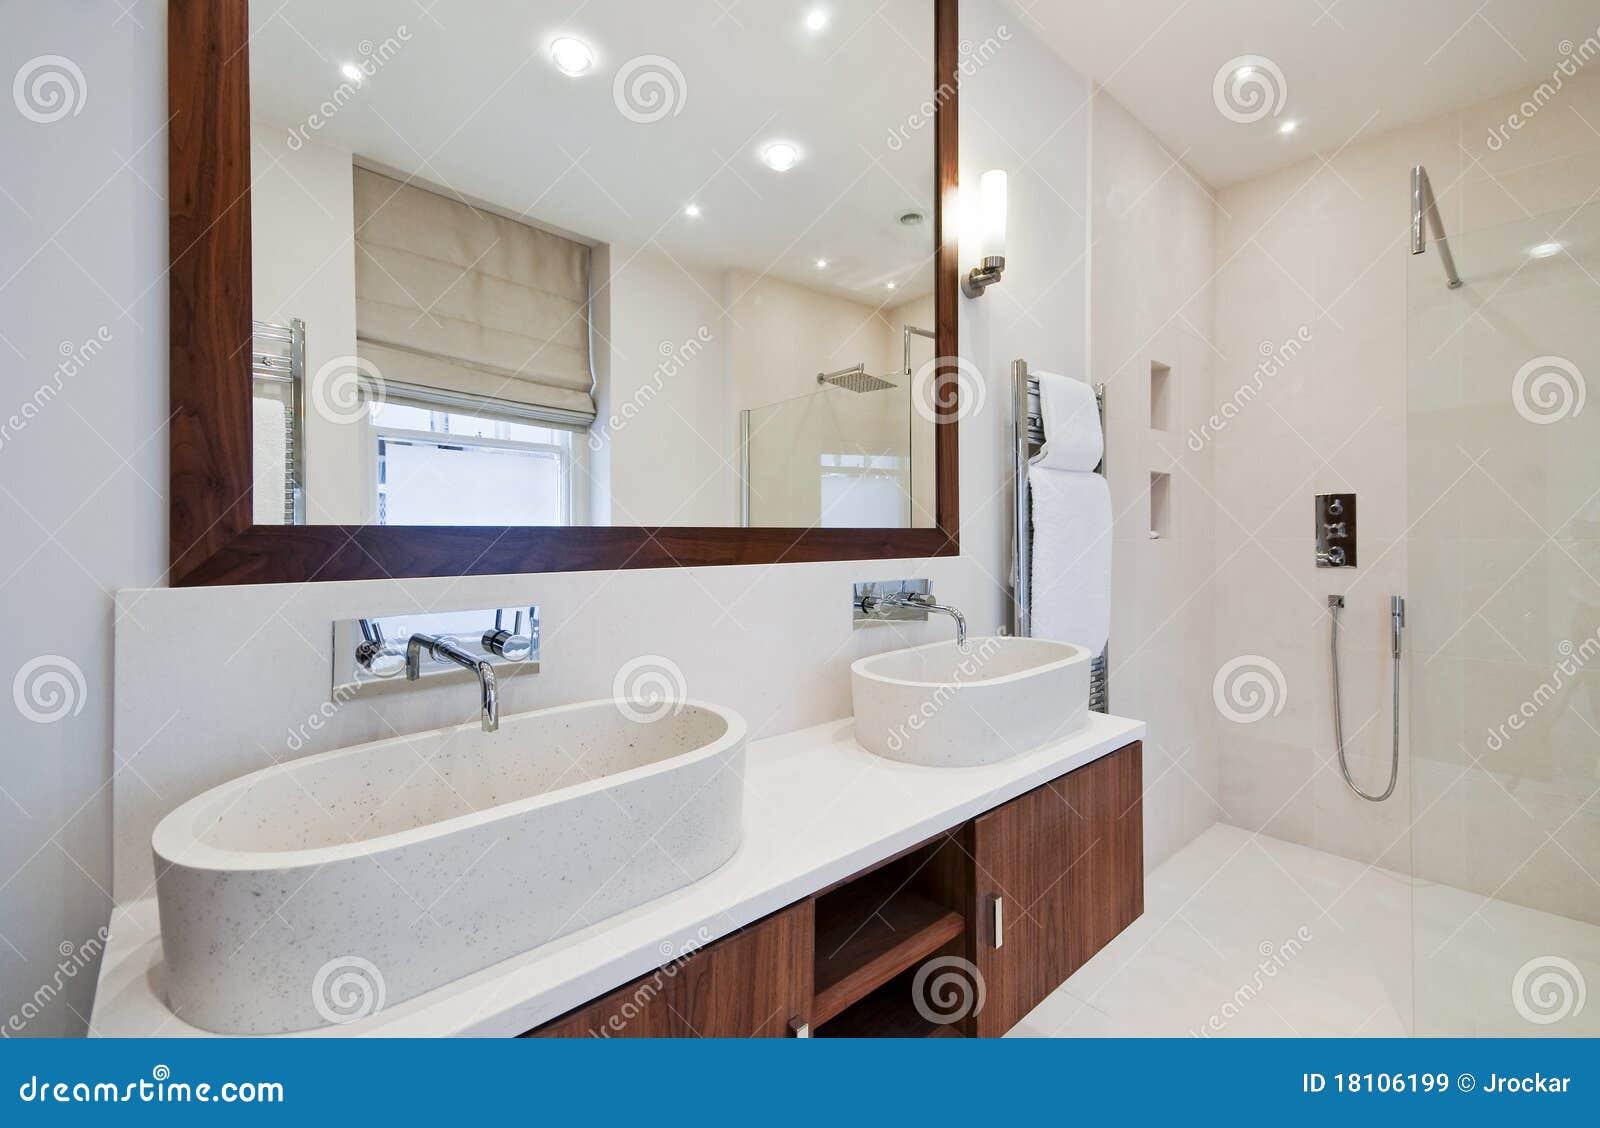 Badkamers met het dubbele bassin van de handwas stock afbeelding afbeelding 18106199 - Badkamers bassin italiaanse design ...